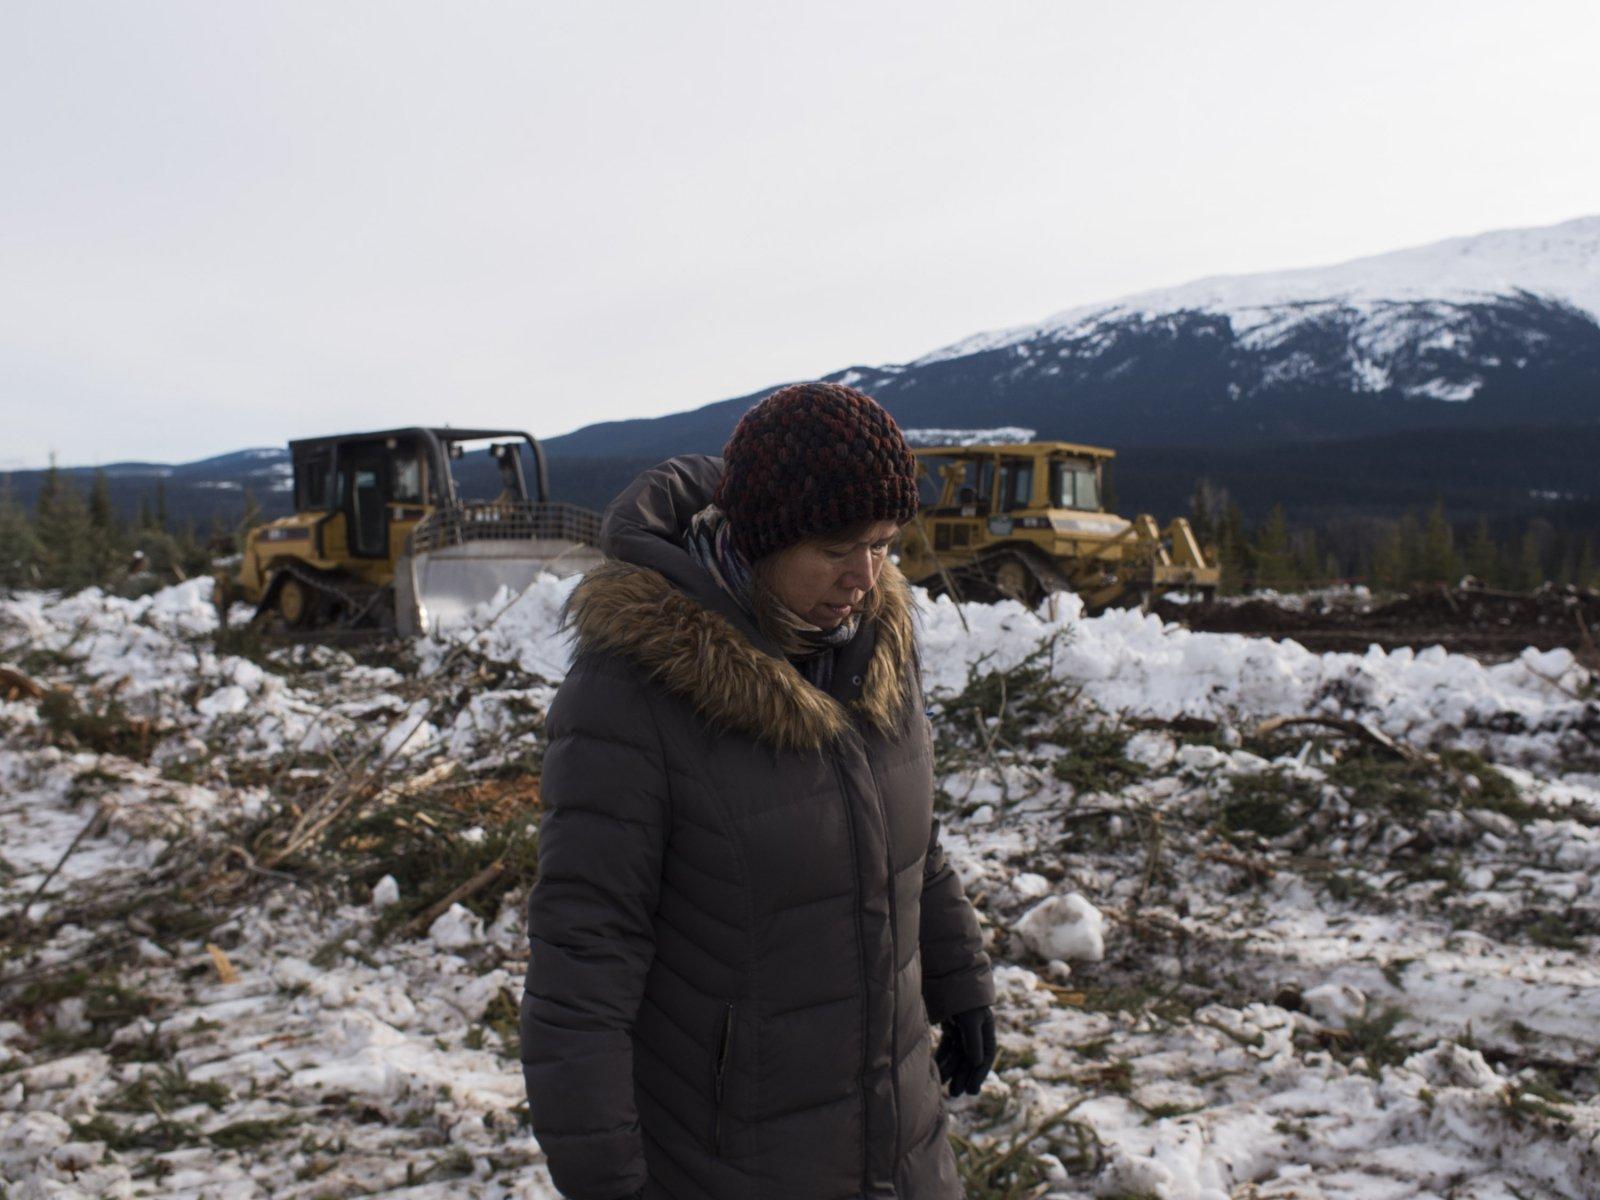 Trapline bulldozed -Michael Toledano photo